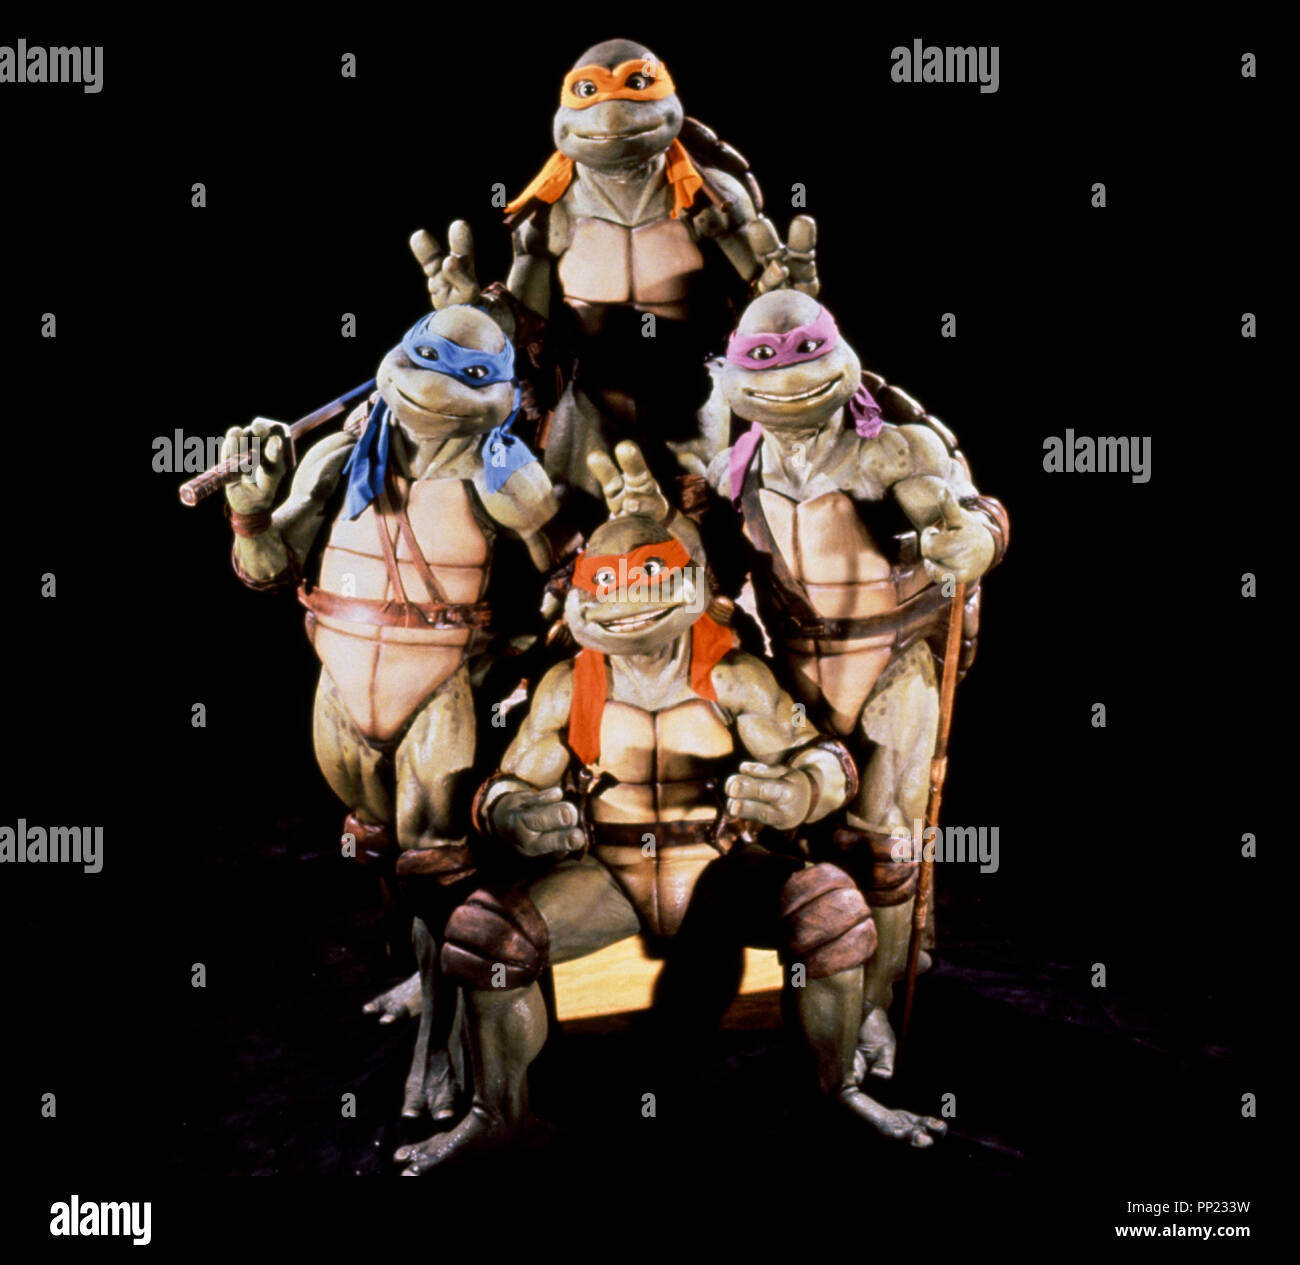 Prod DB © Mirage Productions - New Line Cinema / DR LES TORTUES NINJA (TEENAGE MUTANT NINJA TURTLES) de Steve Barron 1990 USA/HK fantastique, monstre, mutant, photo de groupe d'apres les personnages de Kevin Eastman et Peter Laird - Stock Image